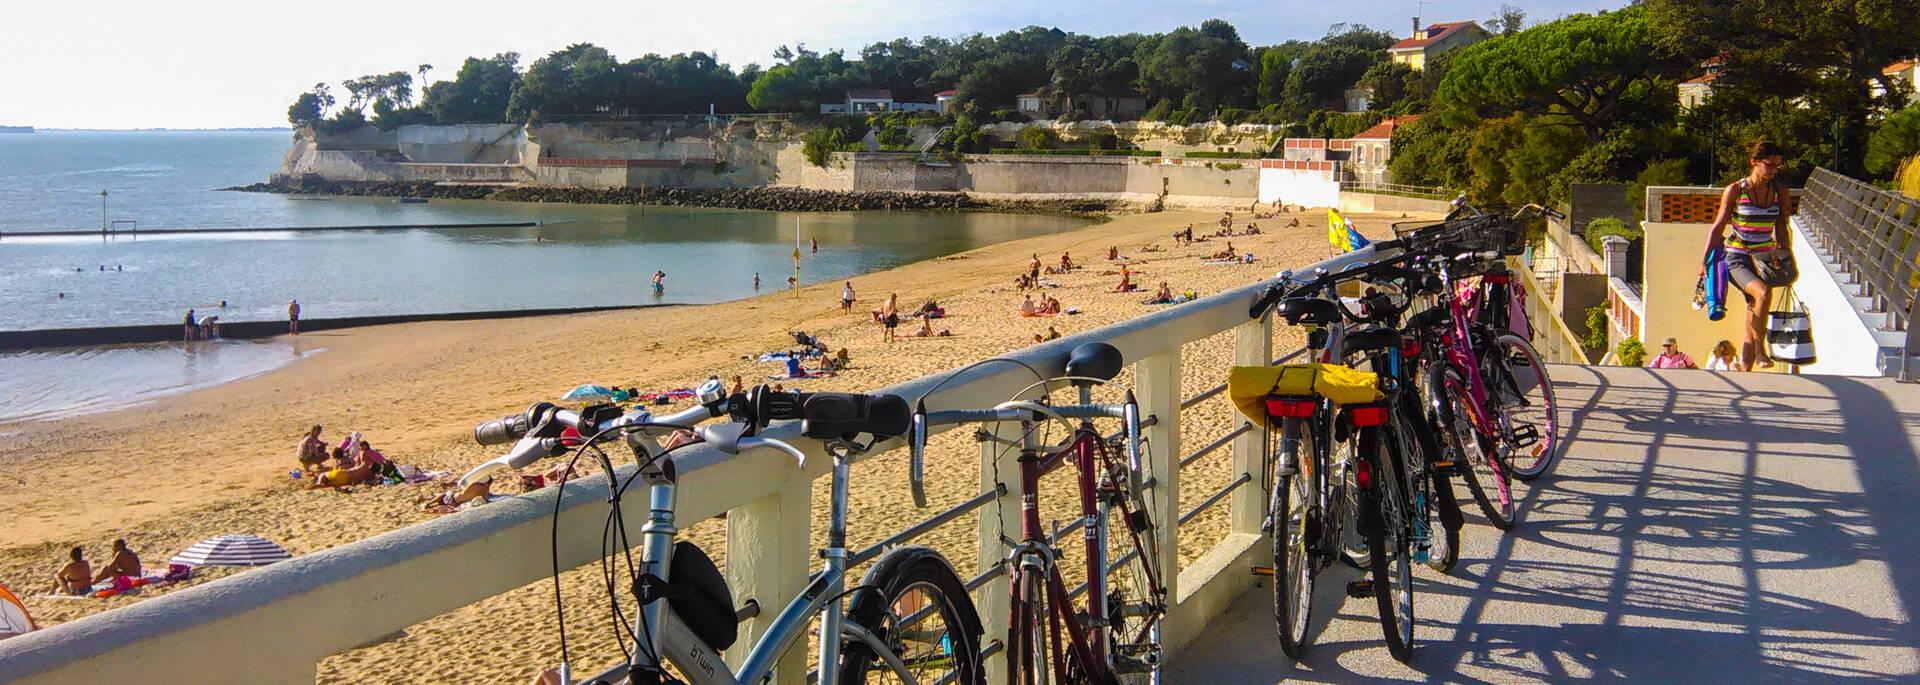 Halte plage à Fouras-les-bains - © Office de tourisme Rochefort Océan